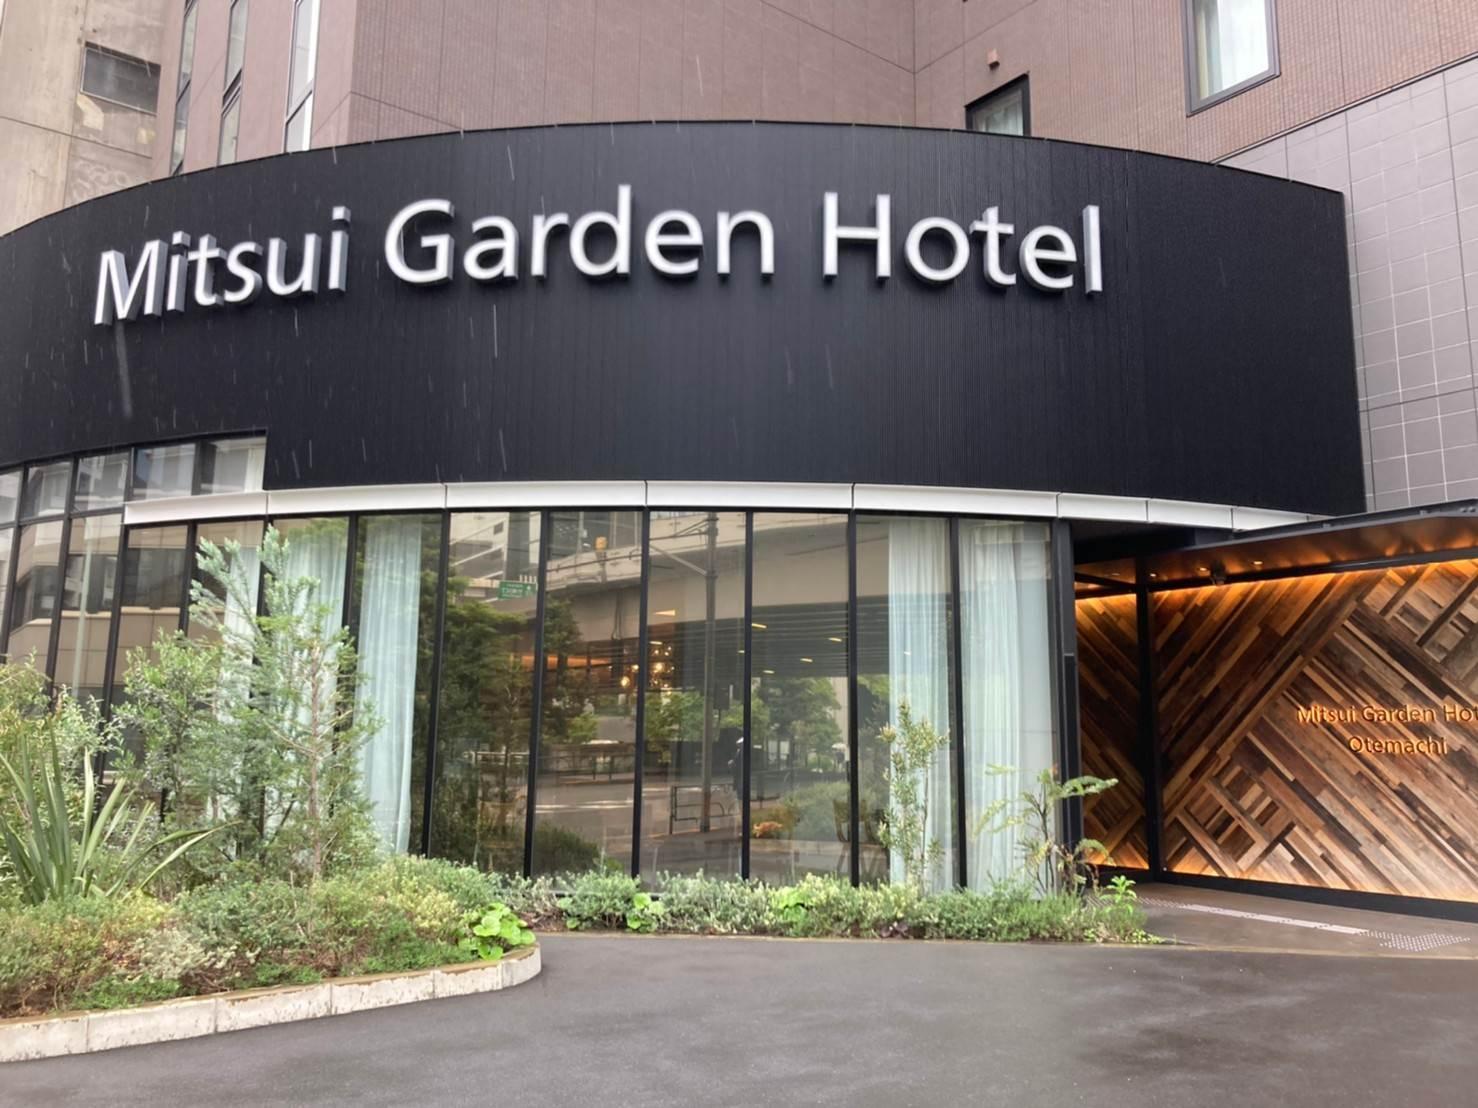 【宿泊記】三井ガーデンホテル大手町に泊まった!東京駅から好アクセスの便利なホテル!アメニティや備品まで詳しく紹介します!